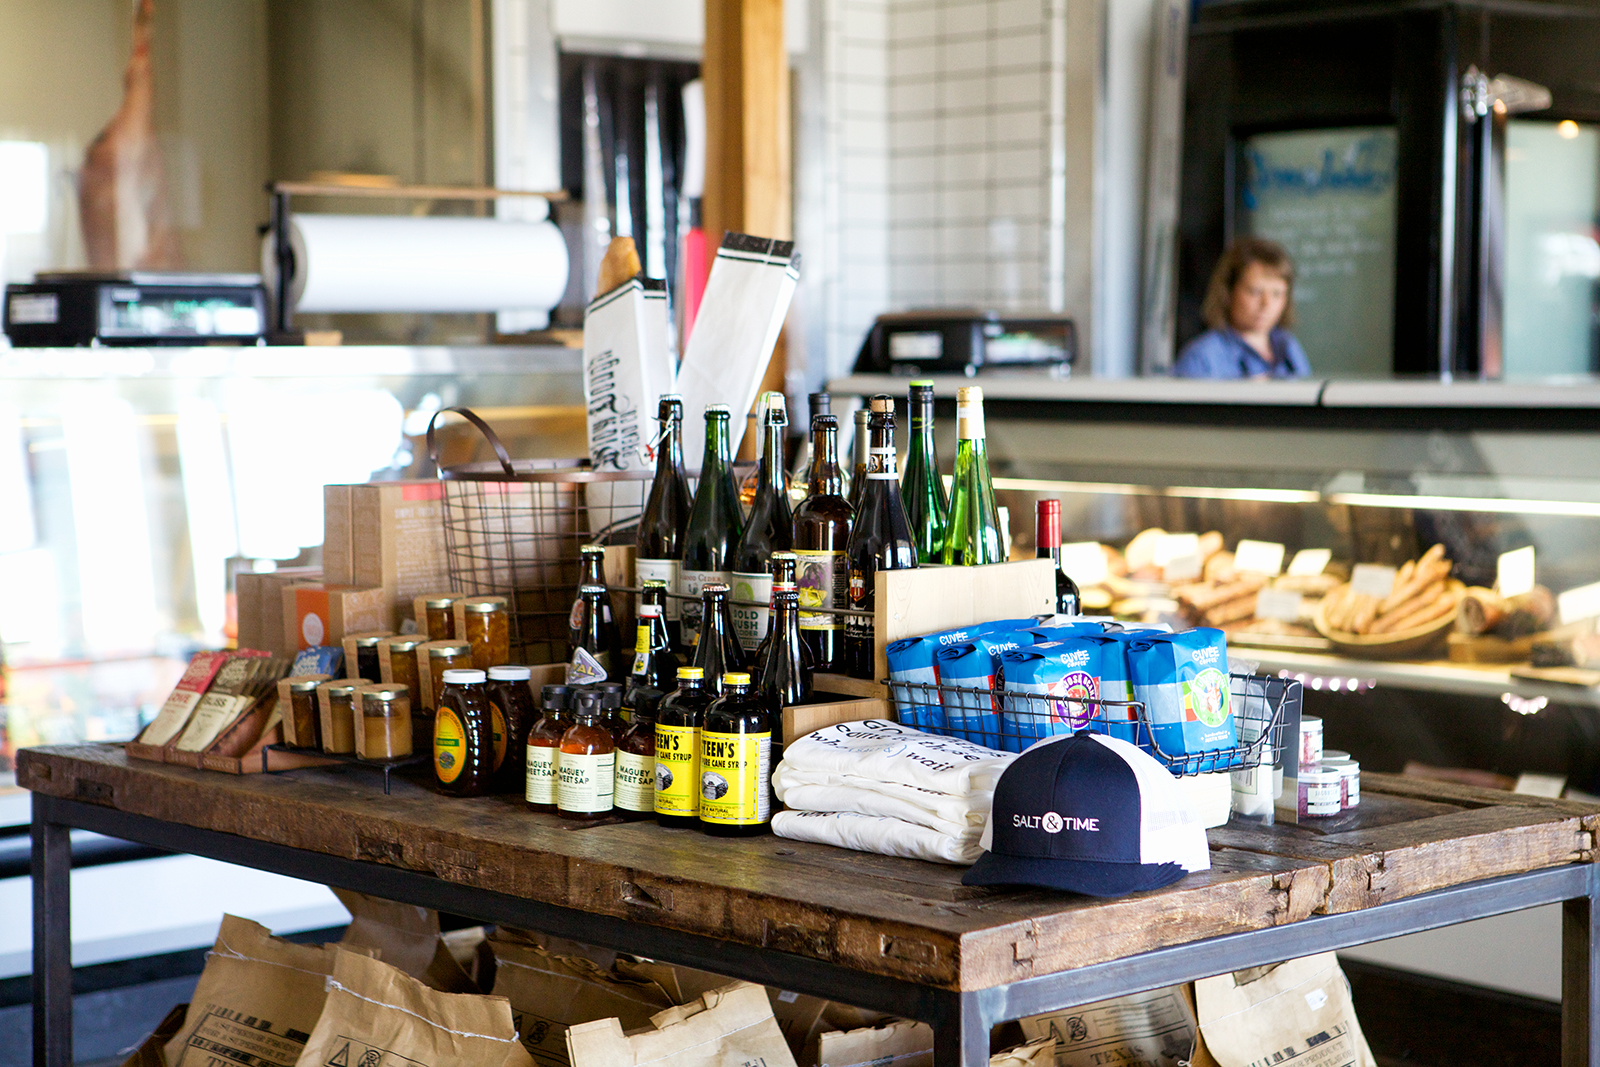 Dry goods, beer, & Wine